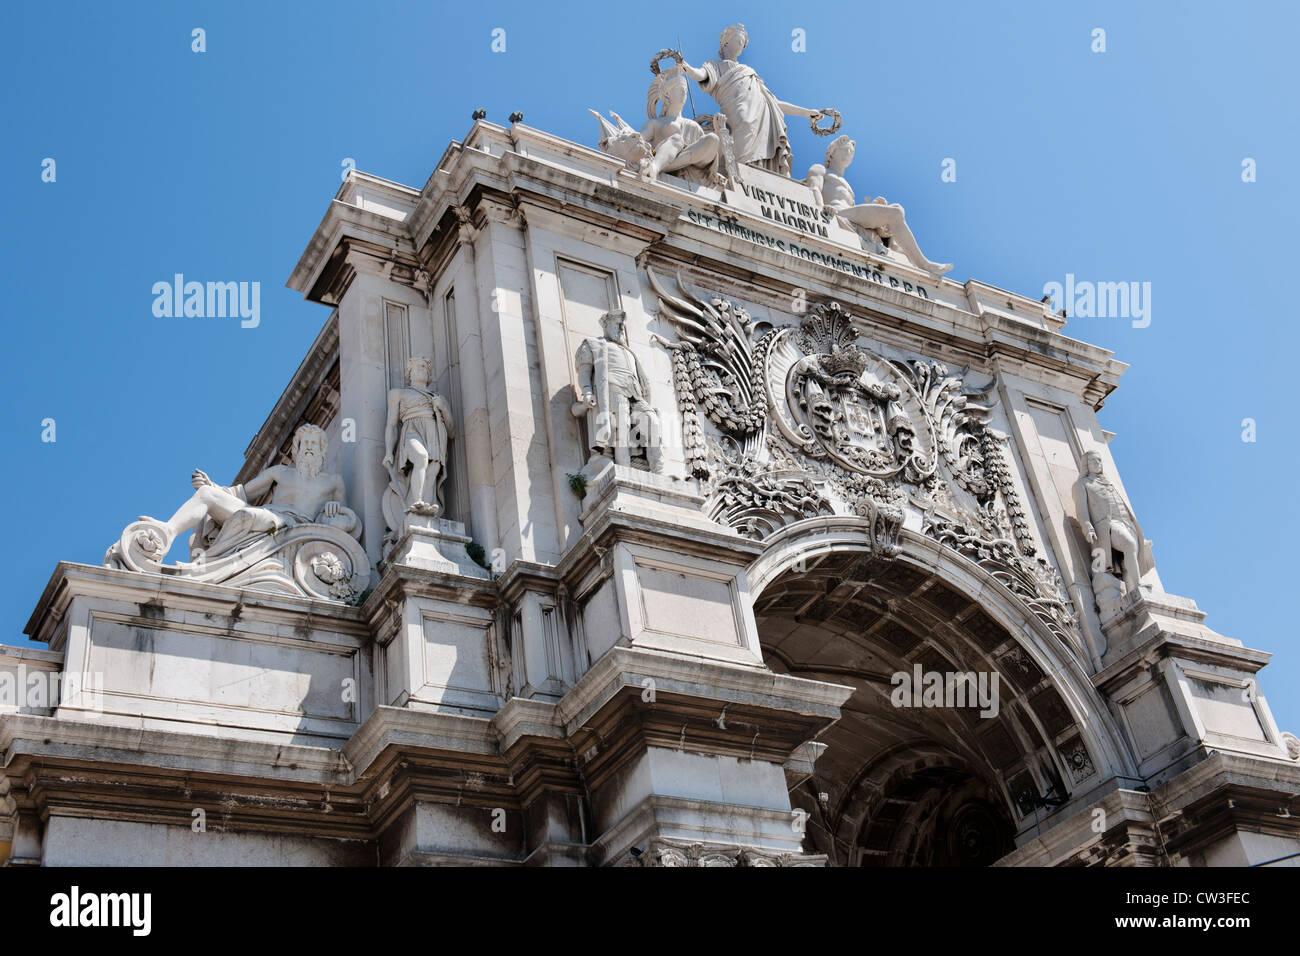 Rua Augusta Arch, Praca do Comercio, Lisbon, Portugal. - Stock Image